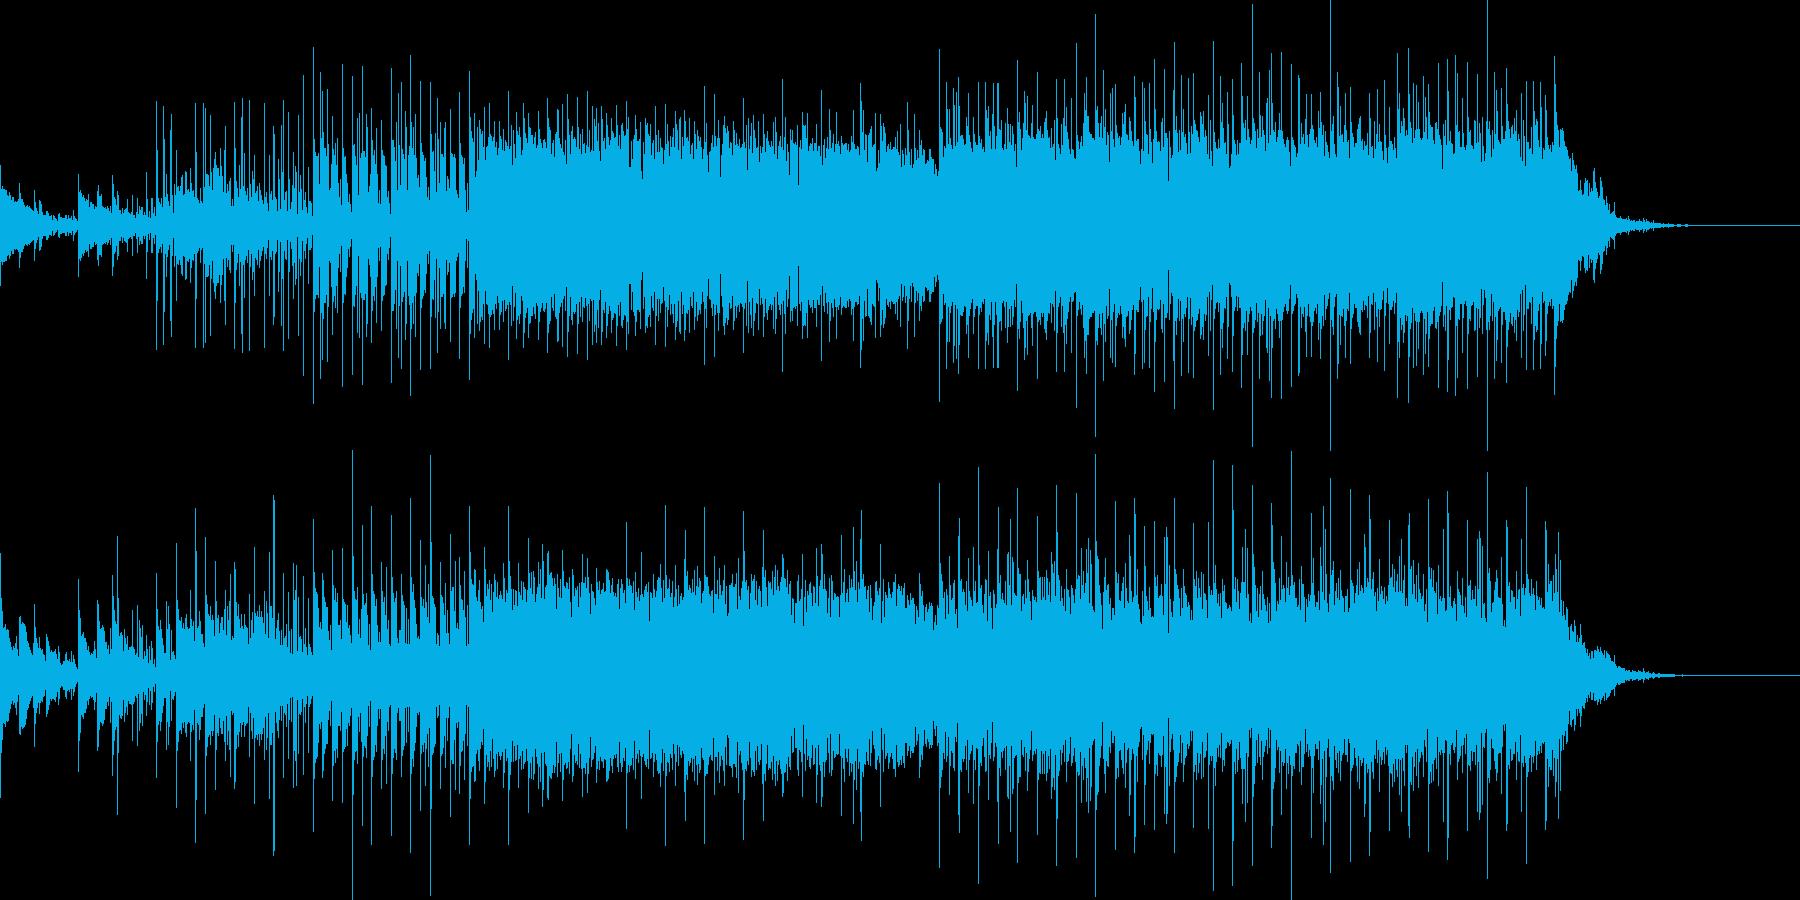 ベル音を基調としたエレクトロニカの再生済みの波形